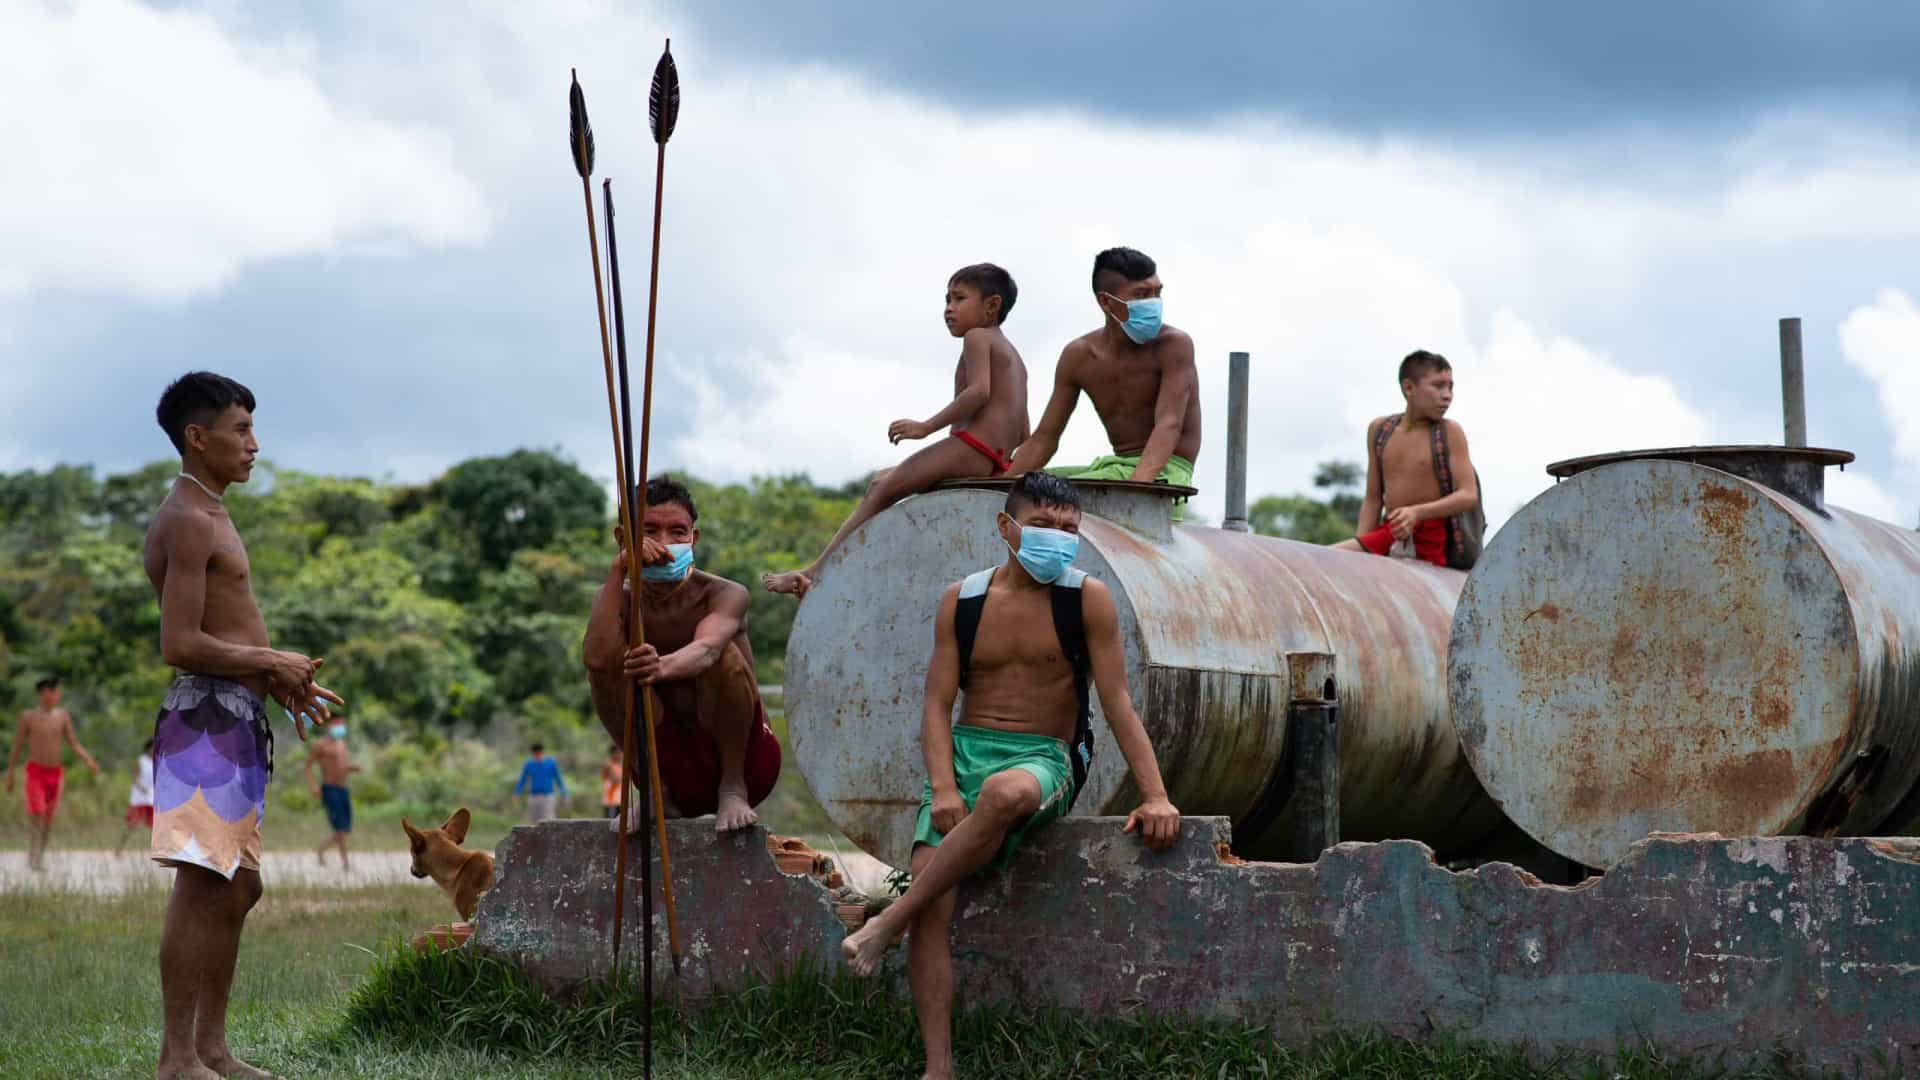 Governo admite falta de barreira contra a Covid em 8 terras indigenas